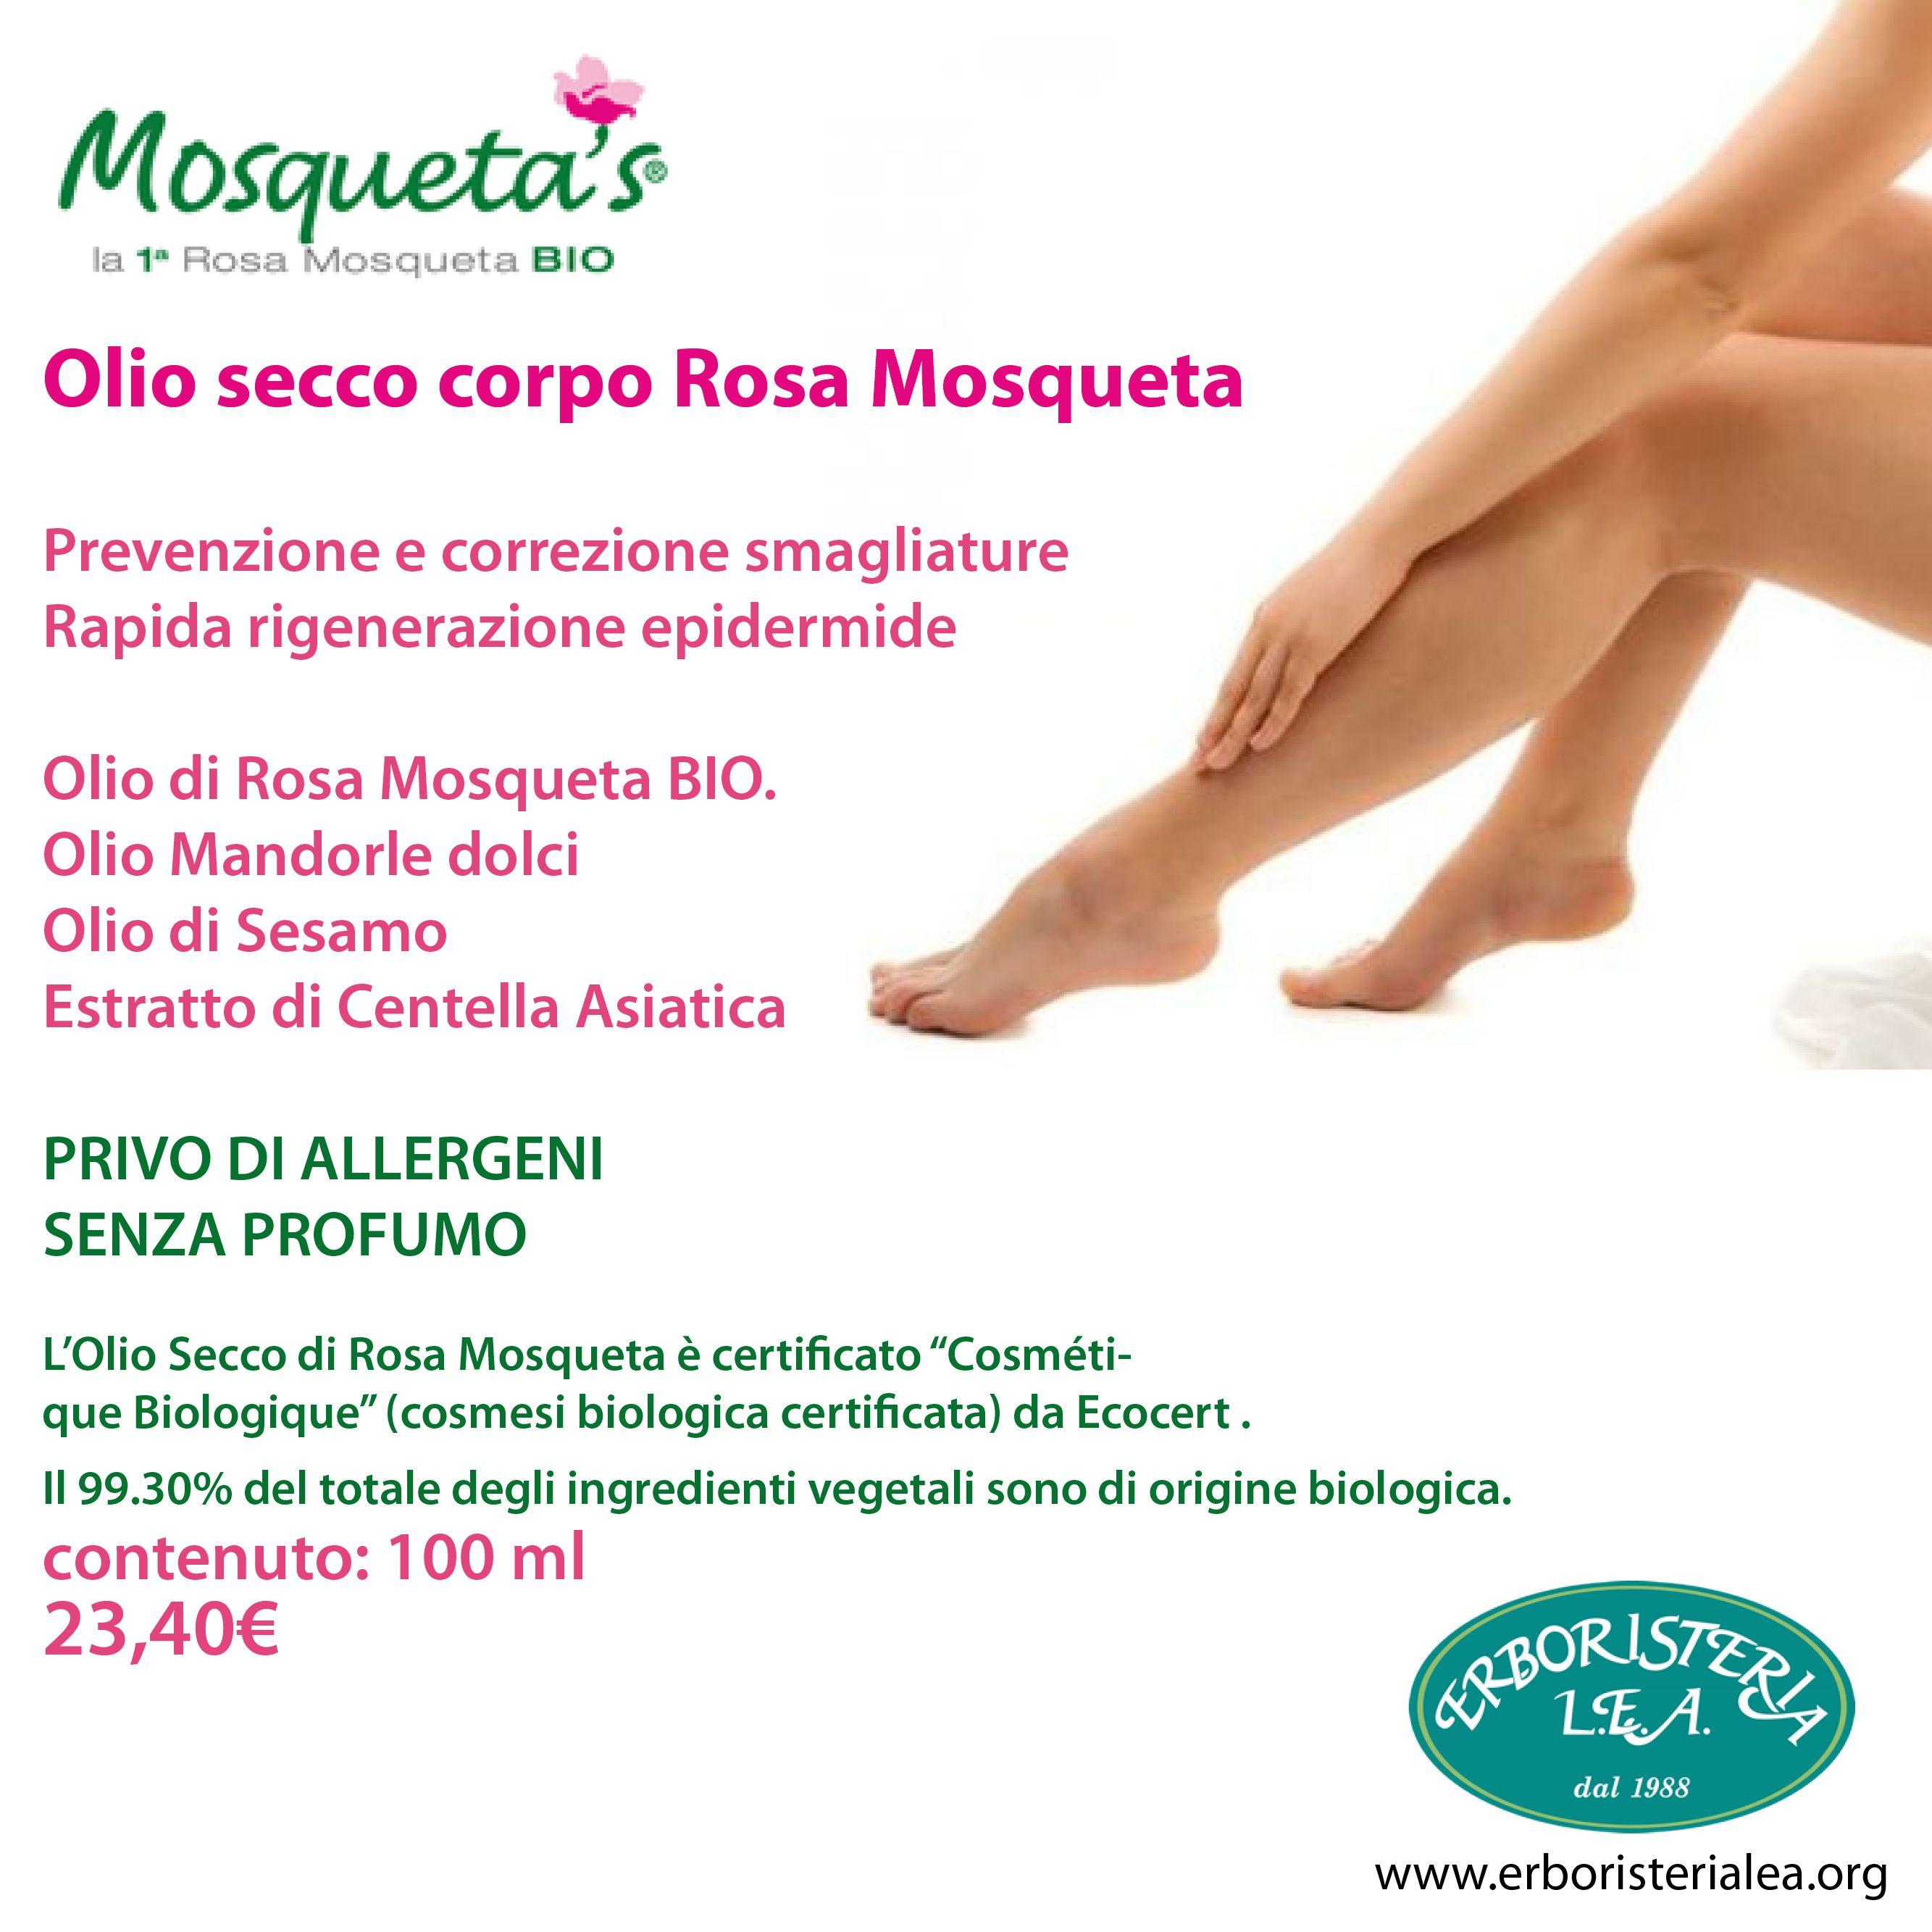 Olio secco corpo Rosa Mosqueta #bellezza #beauty #cosmesi http://goo.gl/bBf6Ry